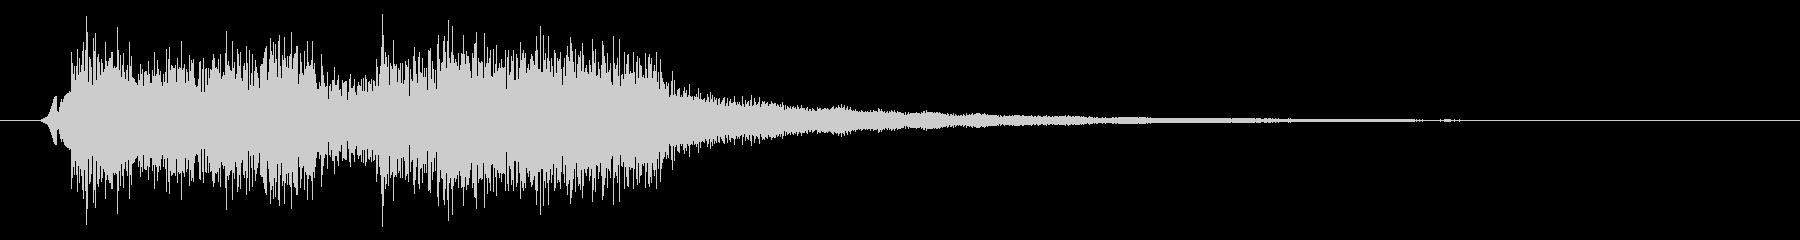 アイキャッチ的に使える音源ですの未再生の波形